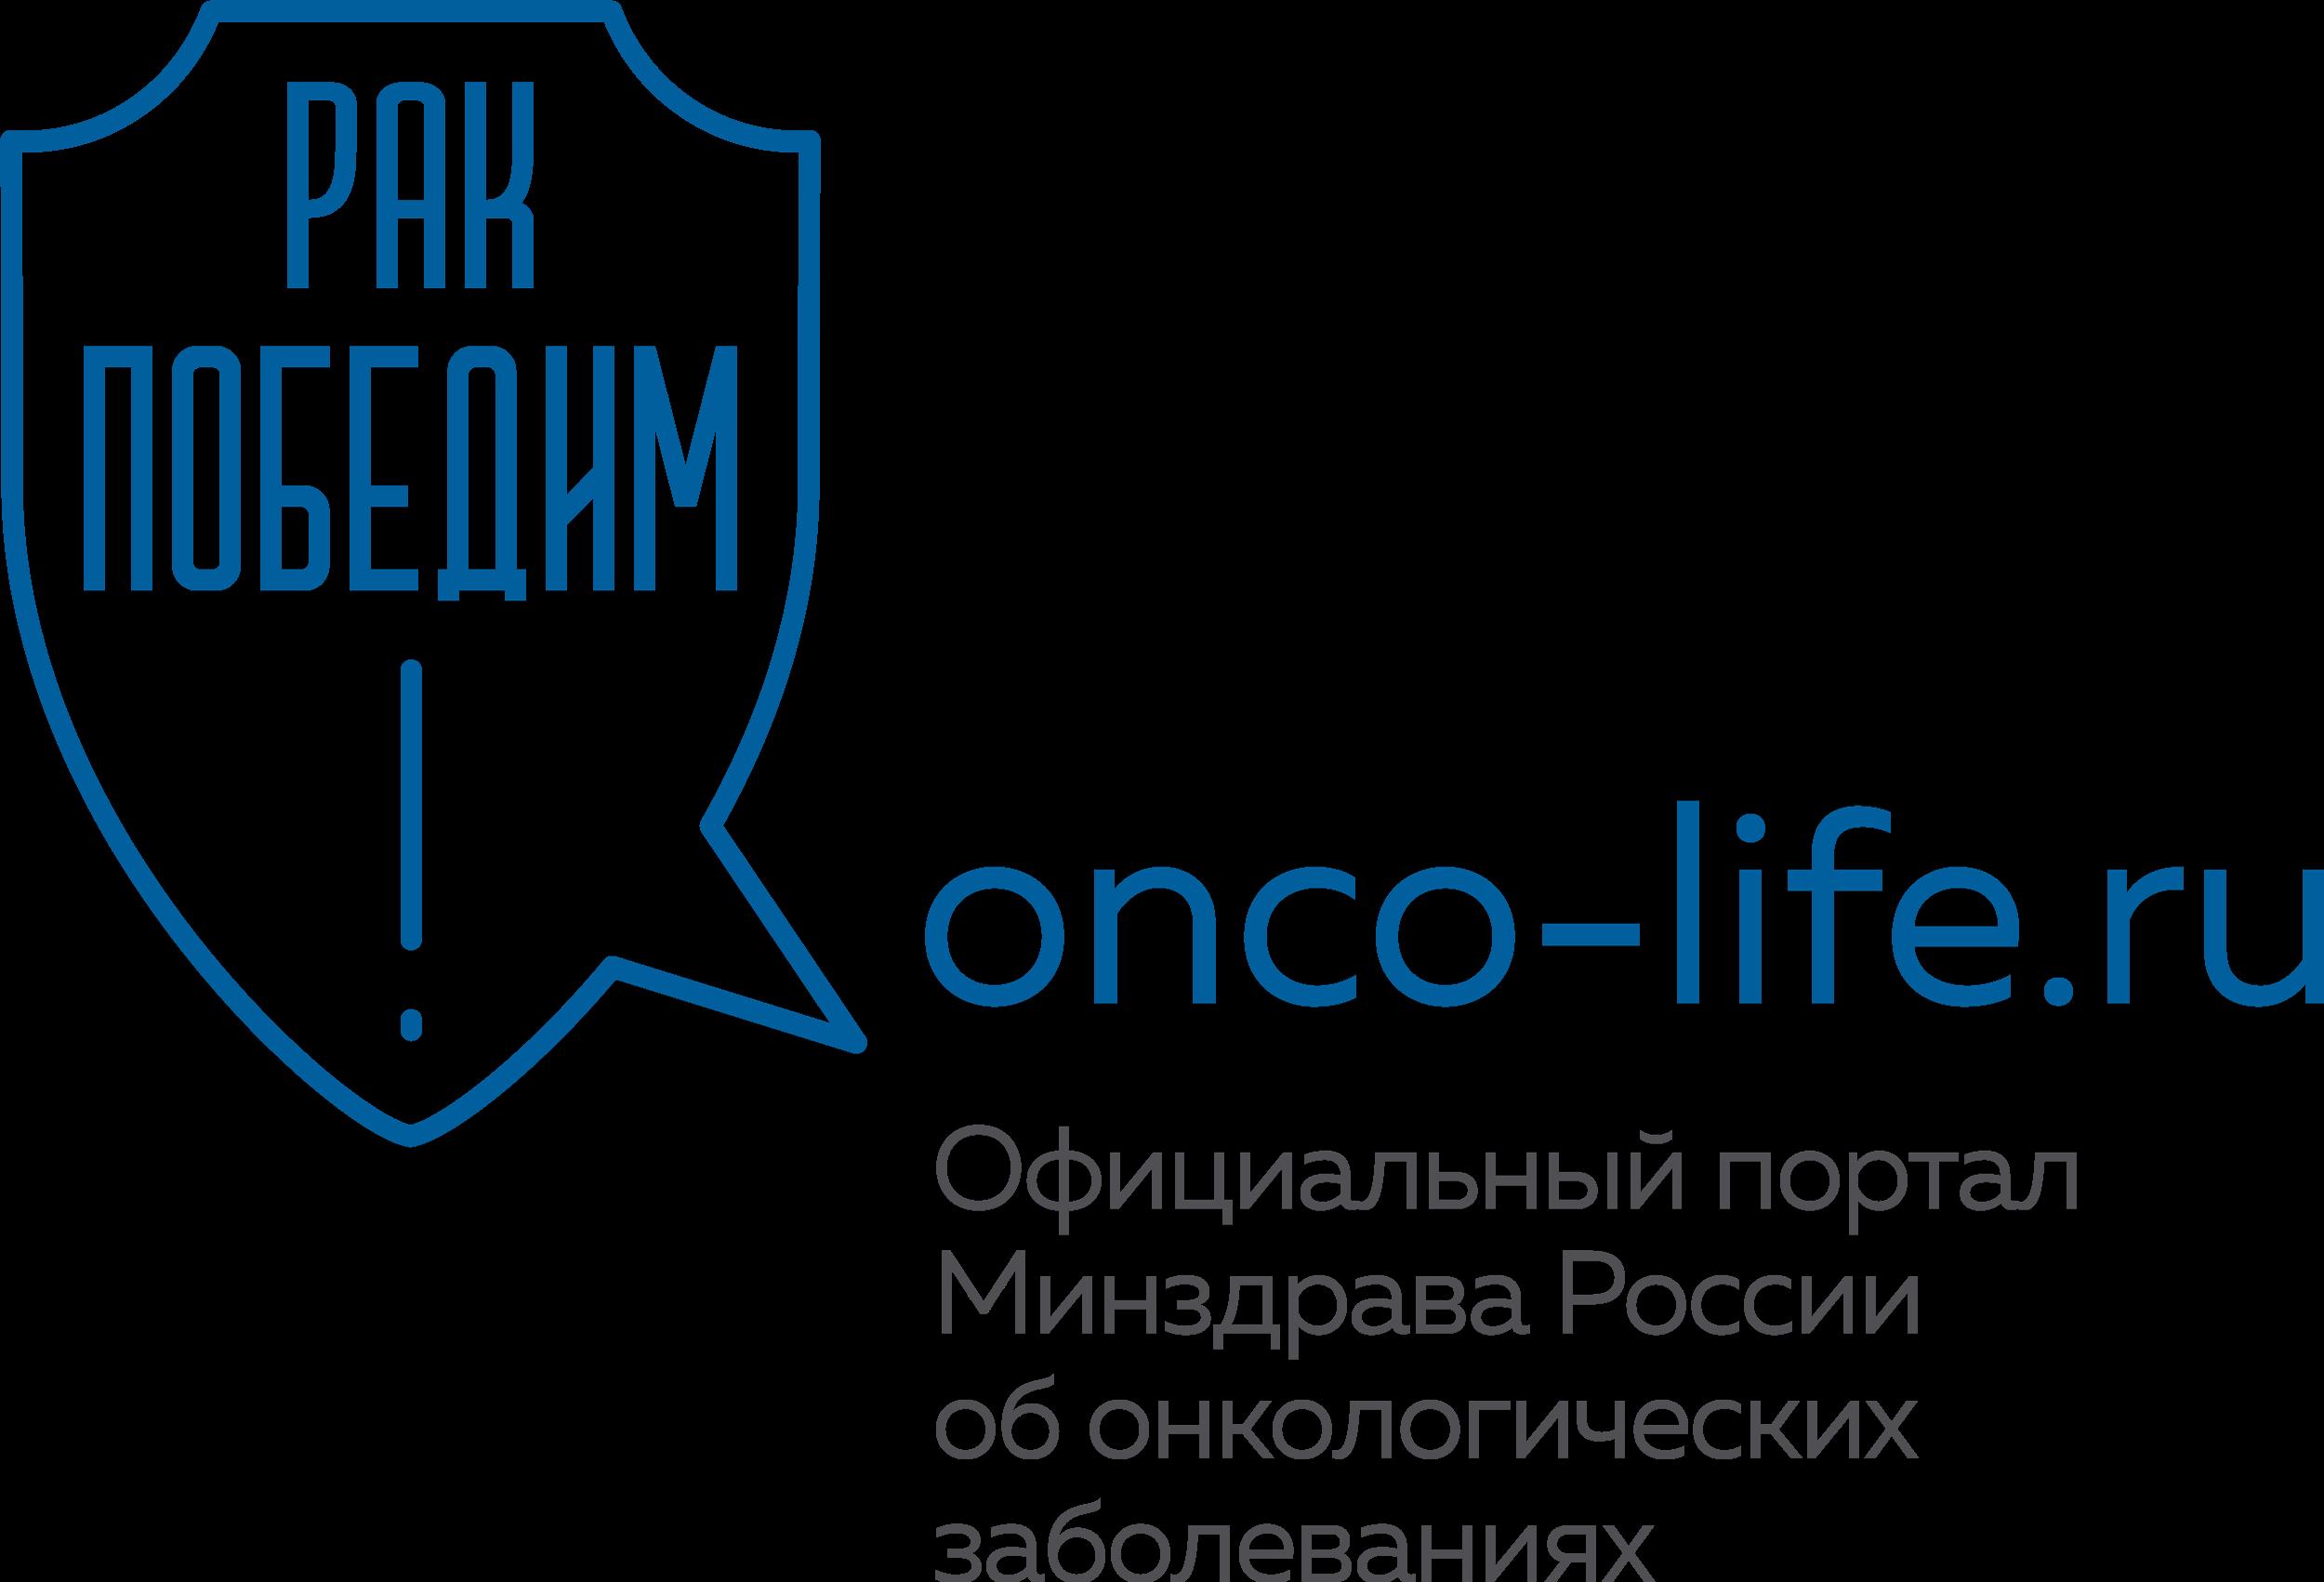 Официальный портал Минздрава России об онкологических заболеваниях Onco-life.ru